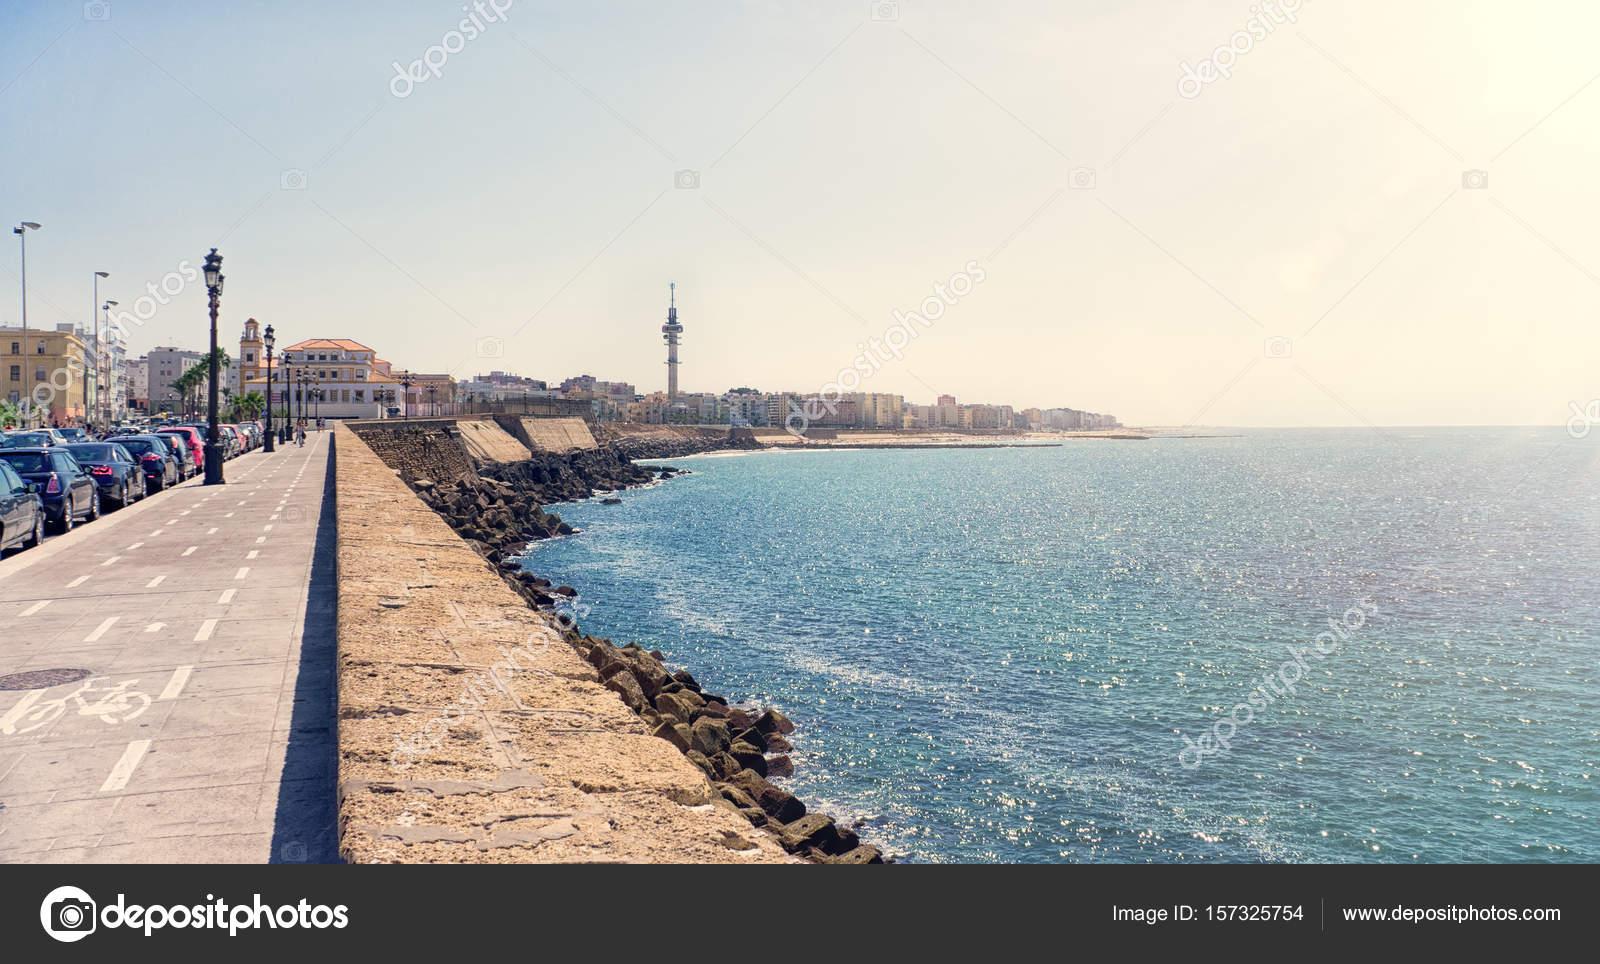 Der Küste von Cadiz Stadt in Spanien mit Blick auf die Promenade ...